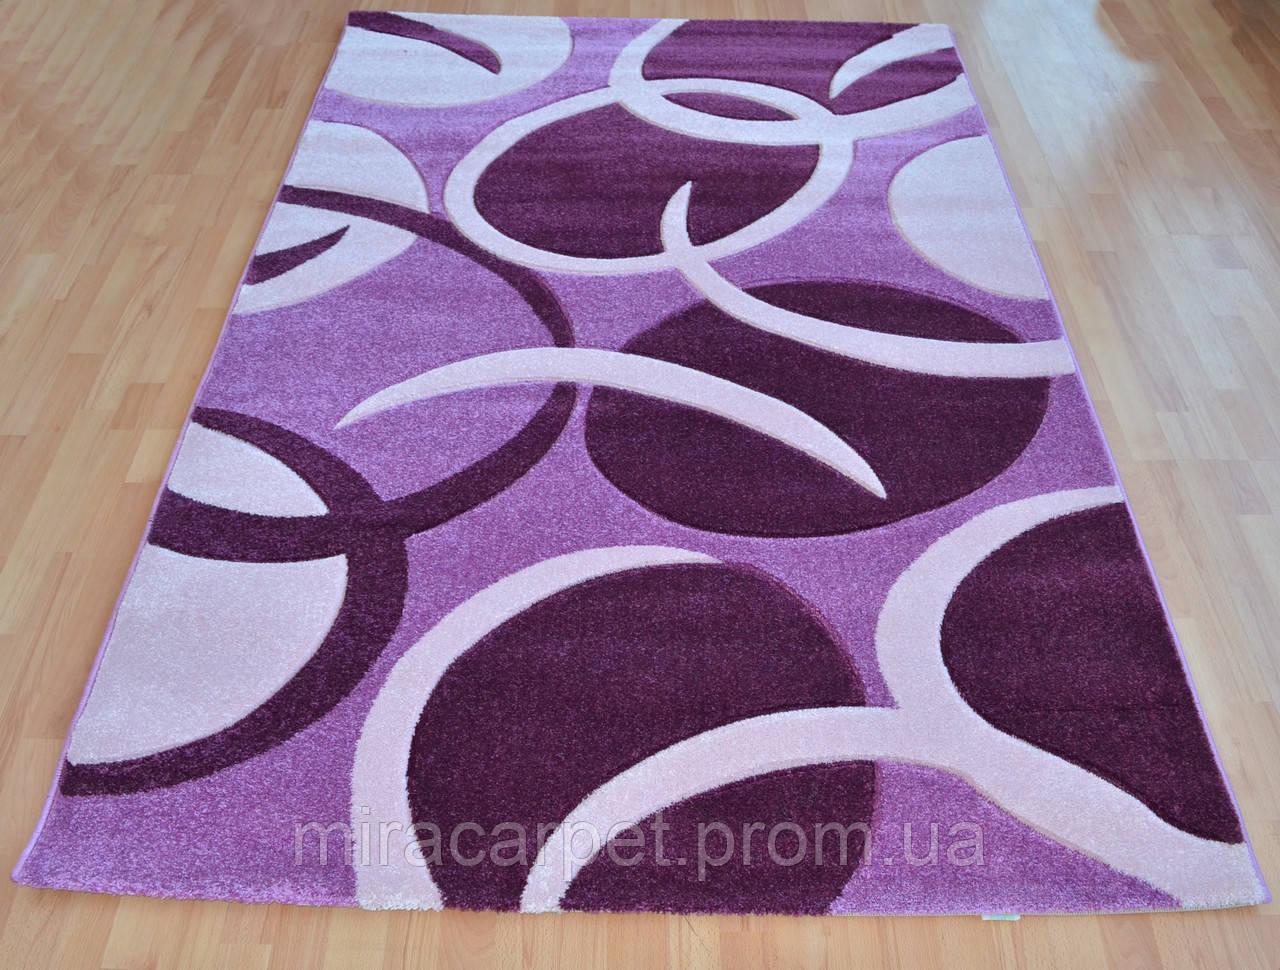 Фиолетовый качественный ковер